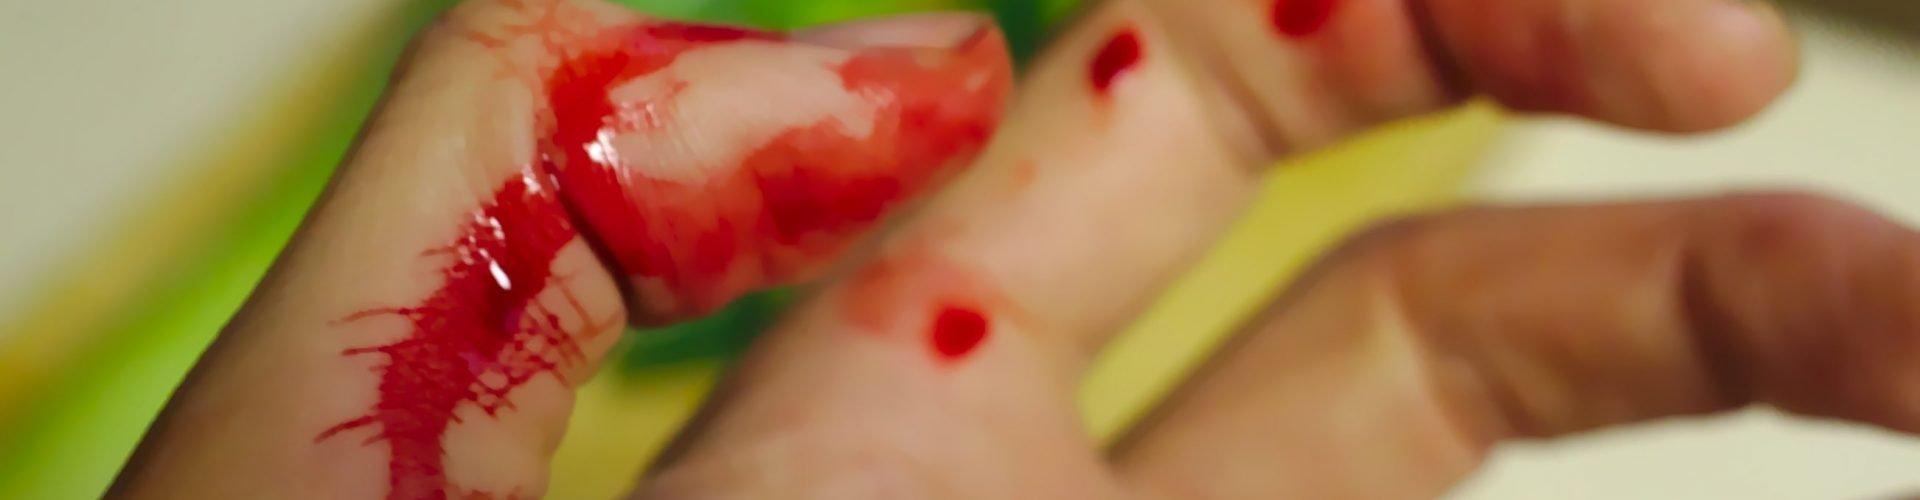 Sognare sangue macchie di sangue, significato simboli e numeri da giocare